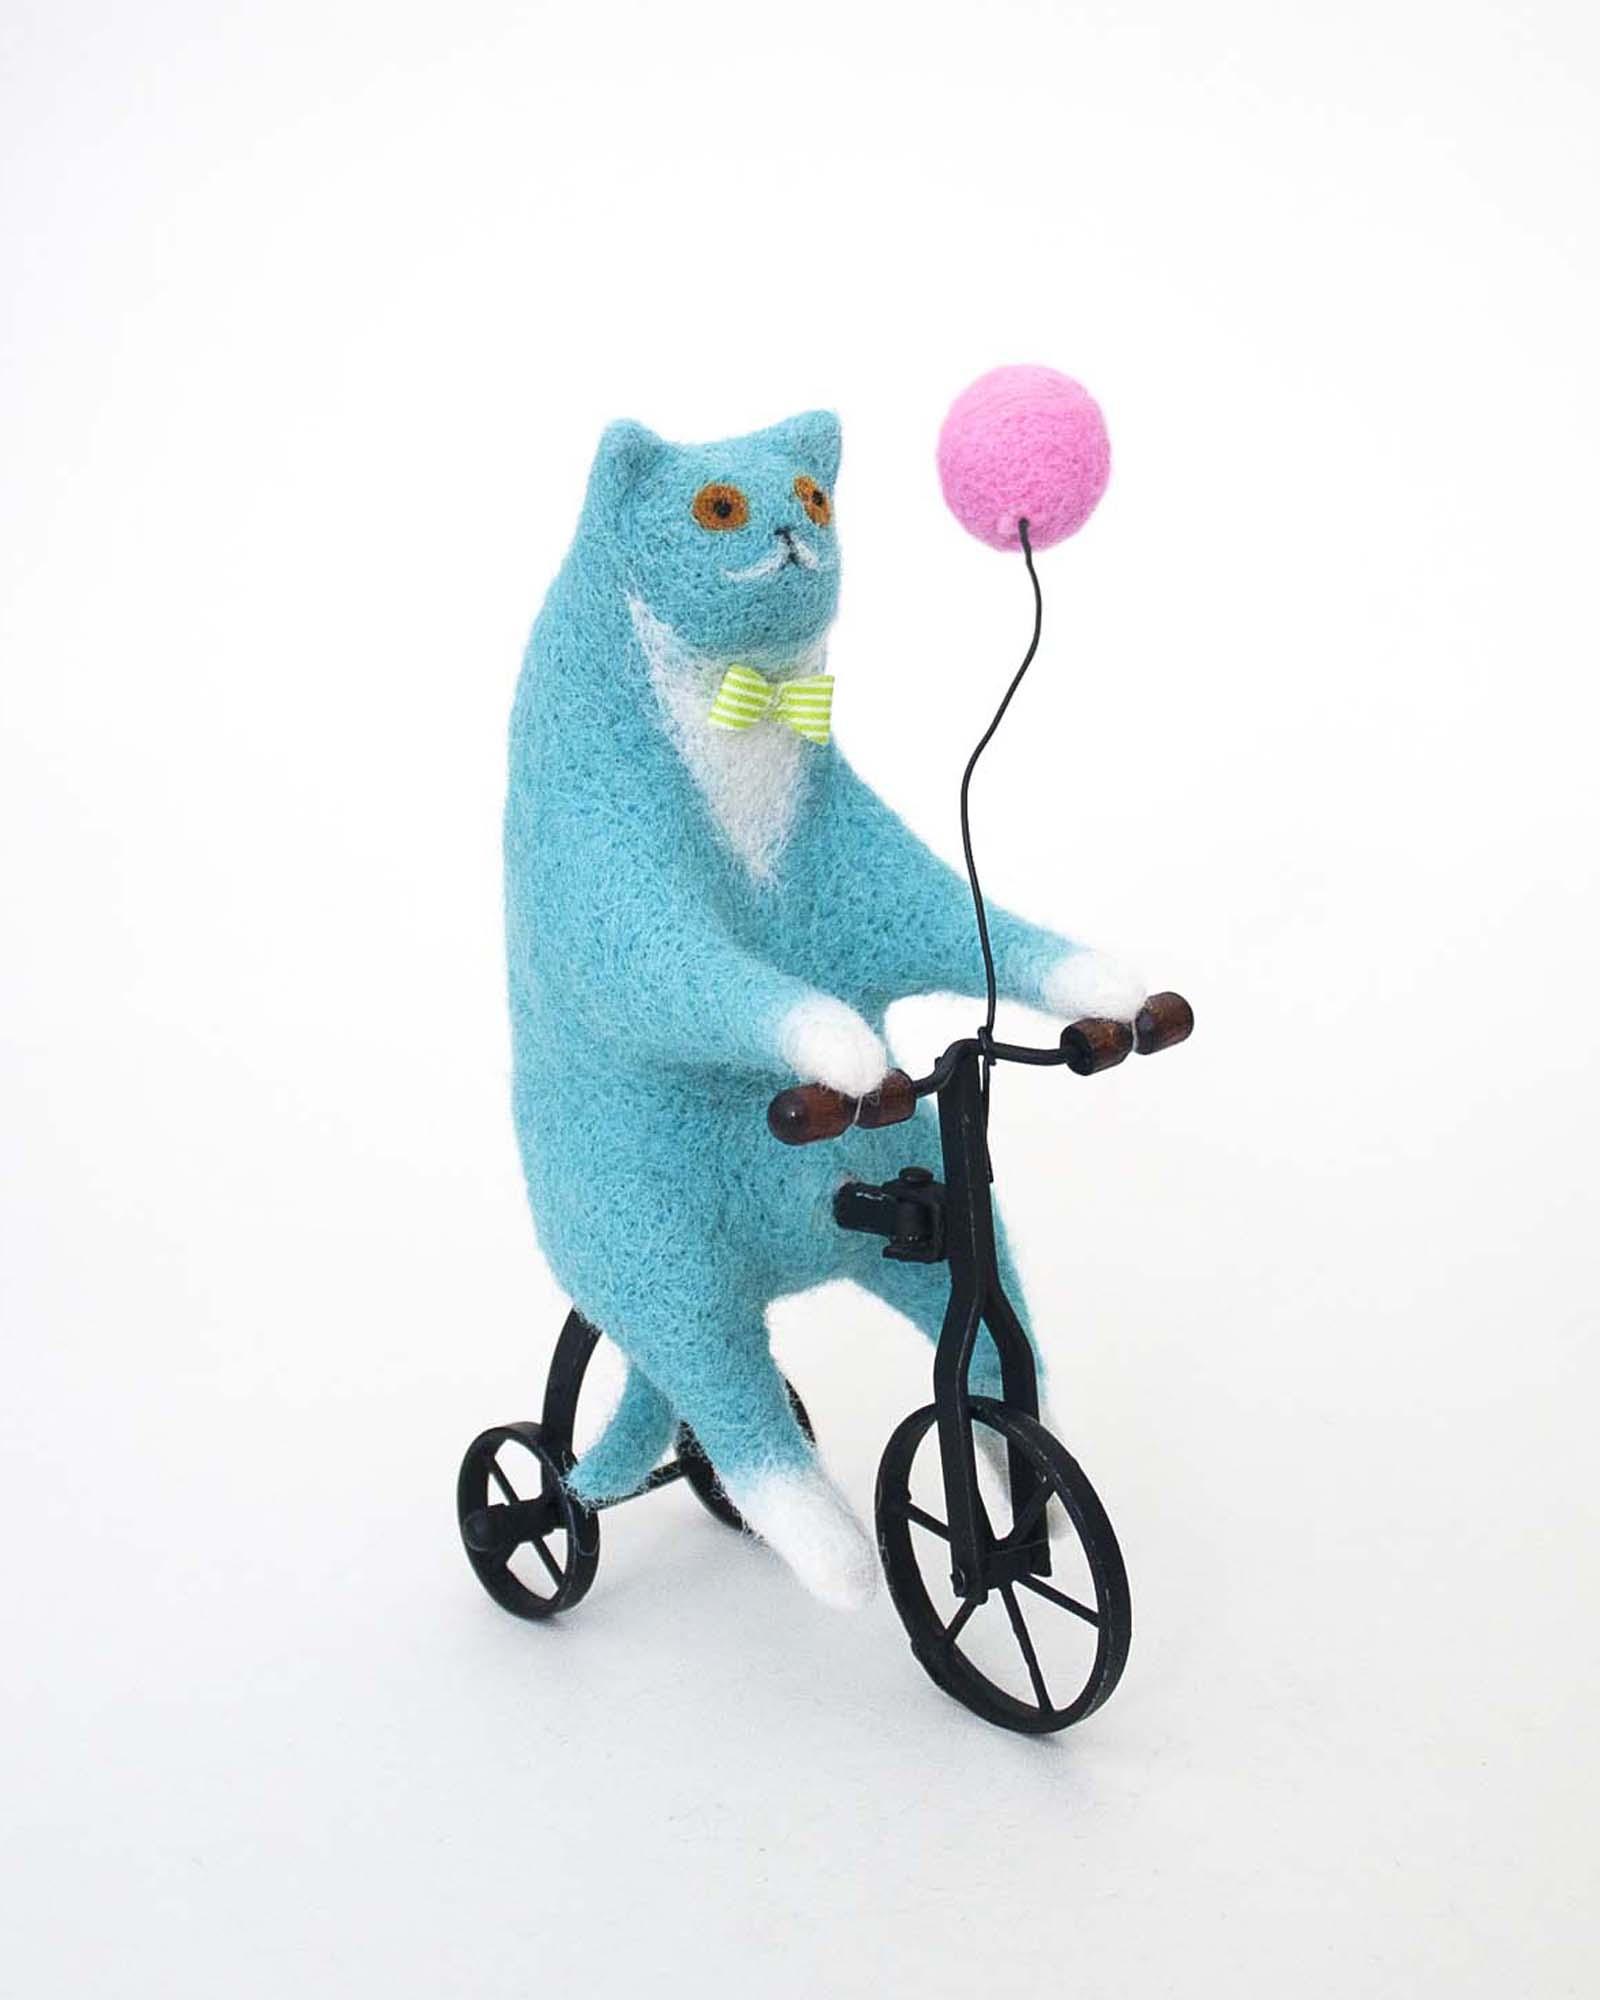 psychedelic-cat-art.jpg